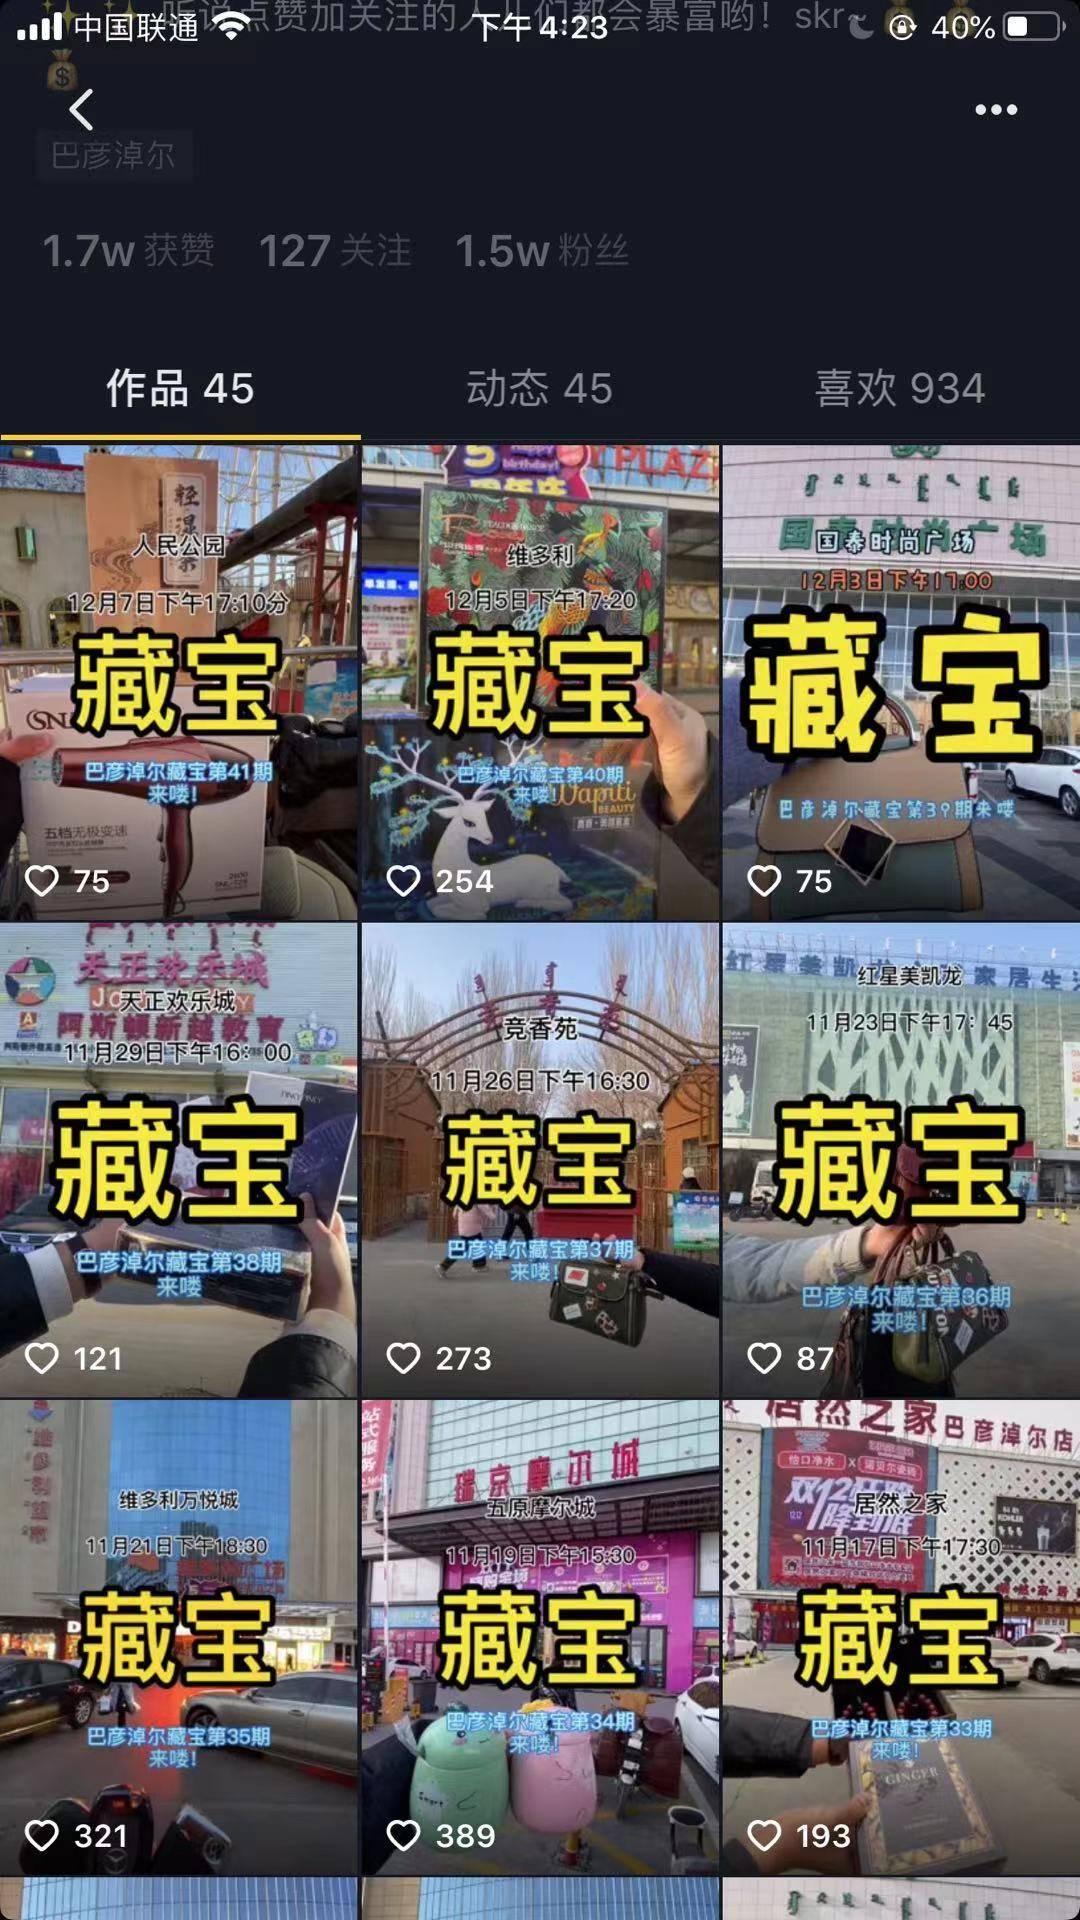 鸟哥笔记,视频直播,奔跑吧段公子,同城号,抖音,短视频,抖音